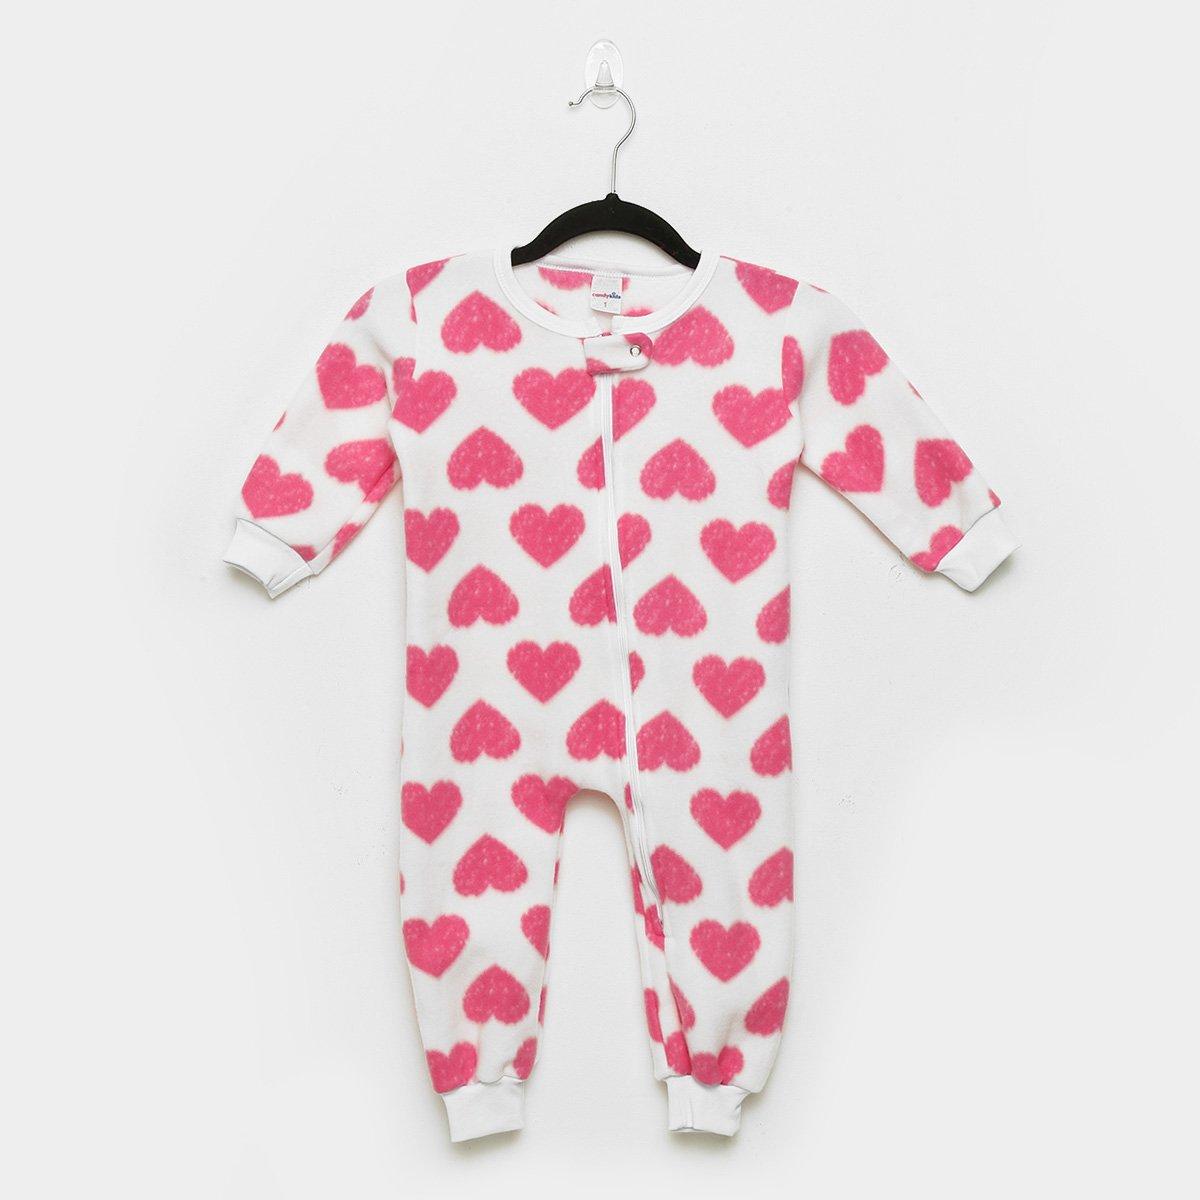 Macacão Bebê Candy Kids Pijama Soft Zíper Coração Feminino